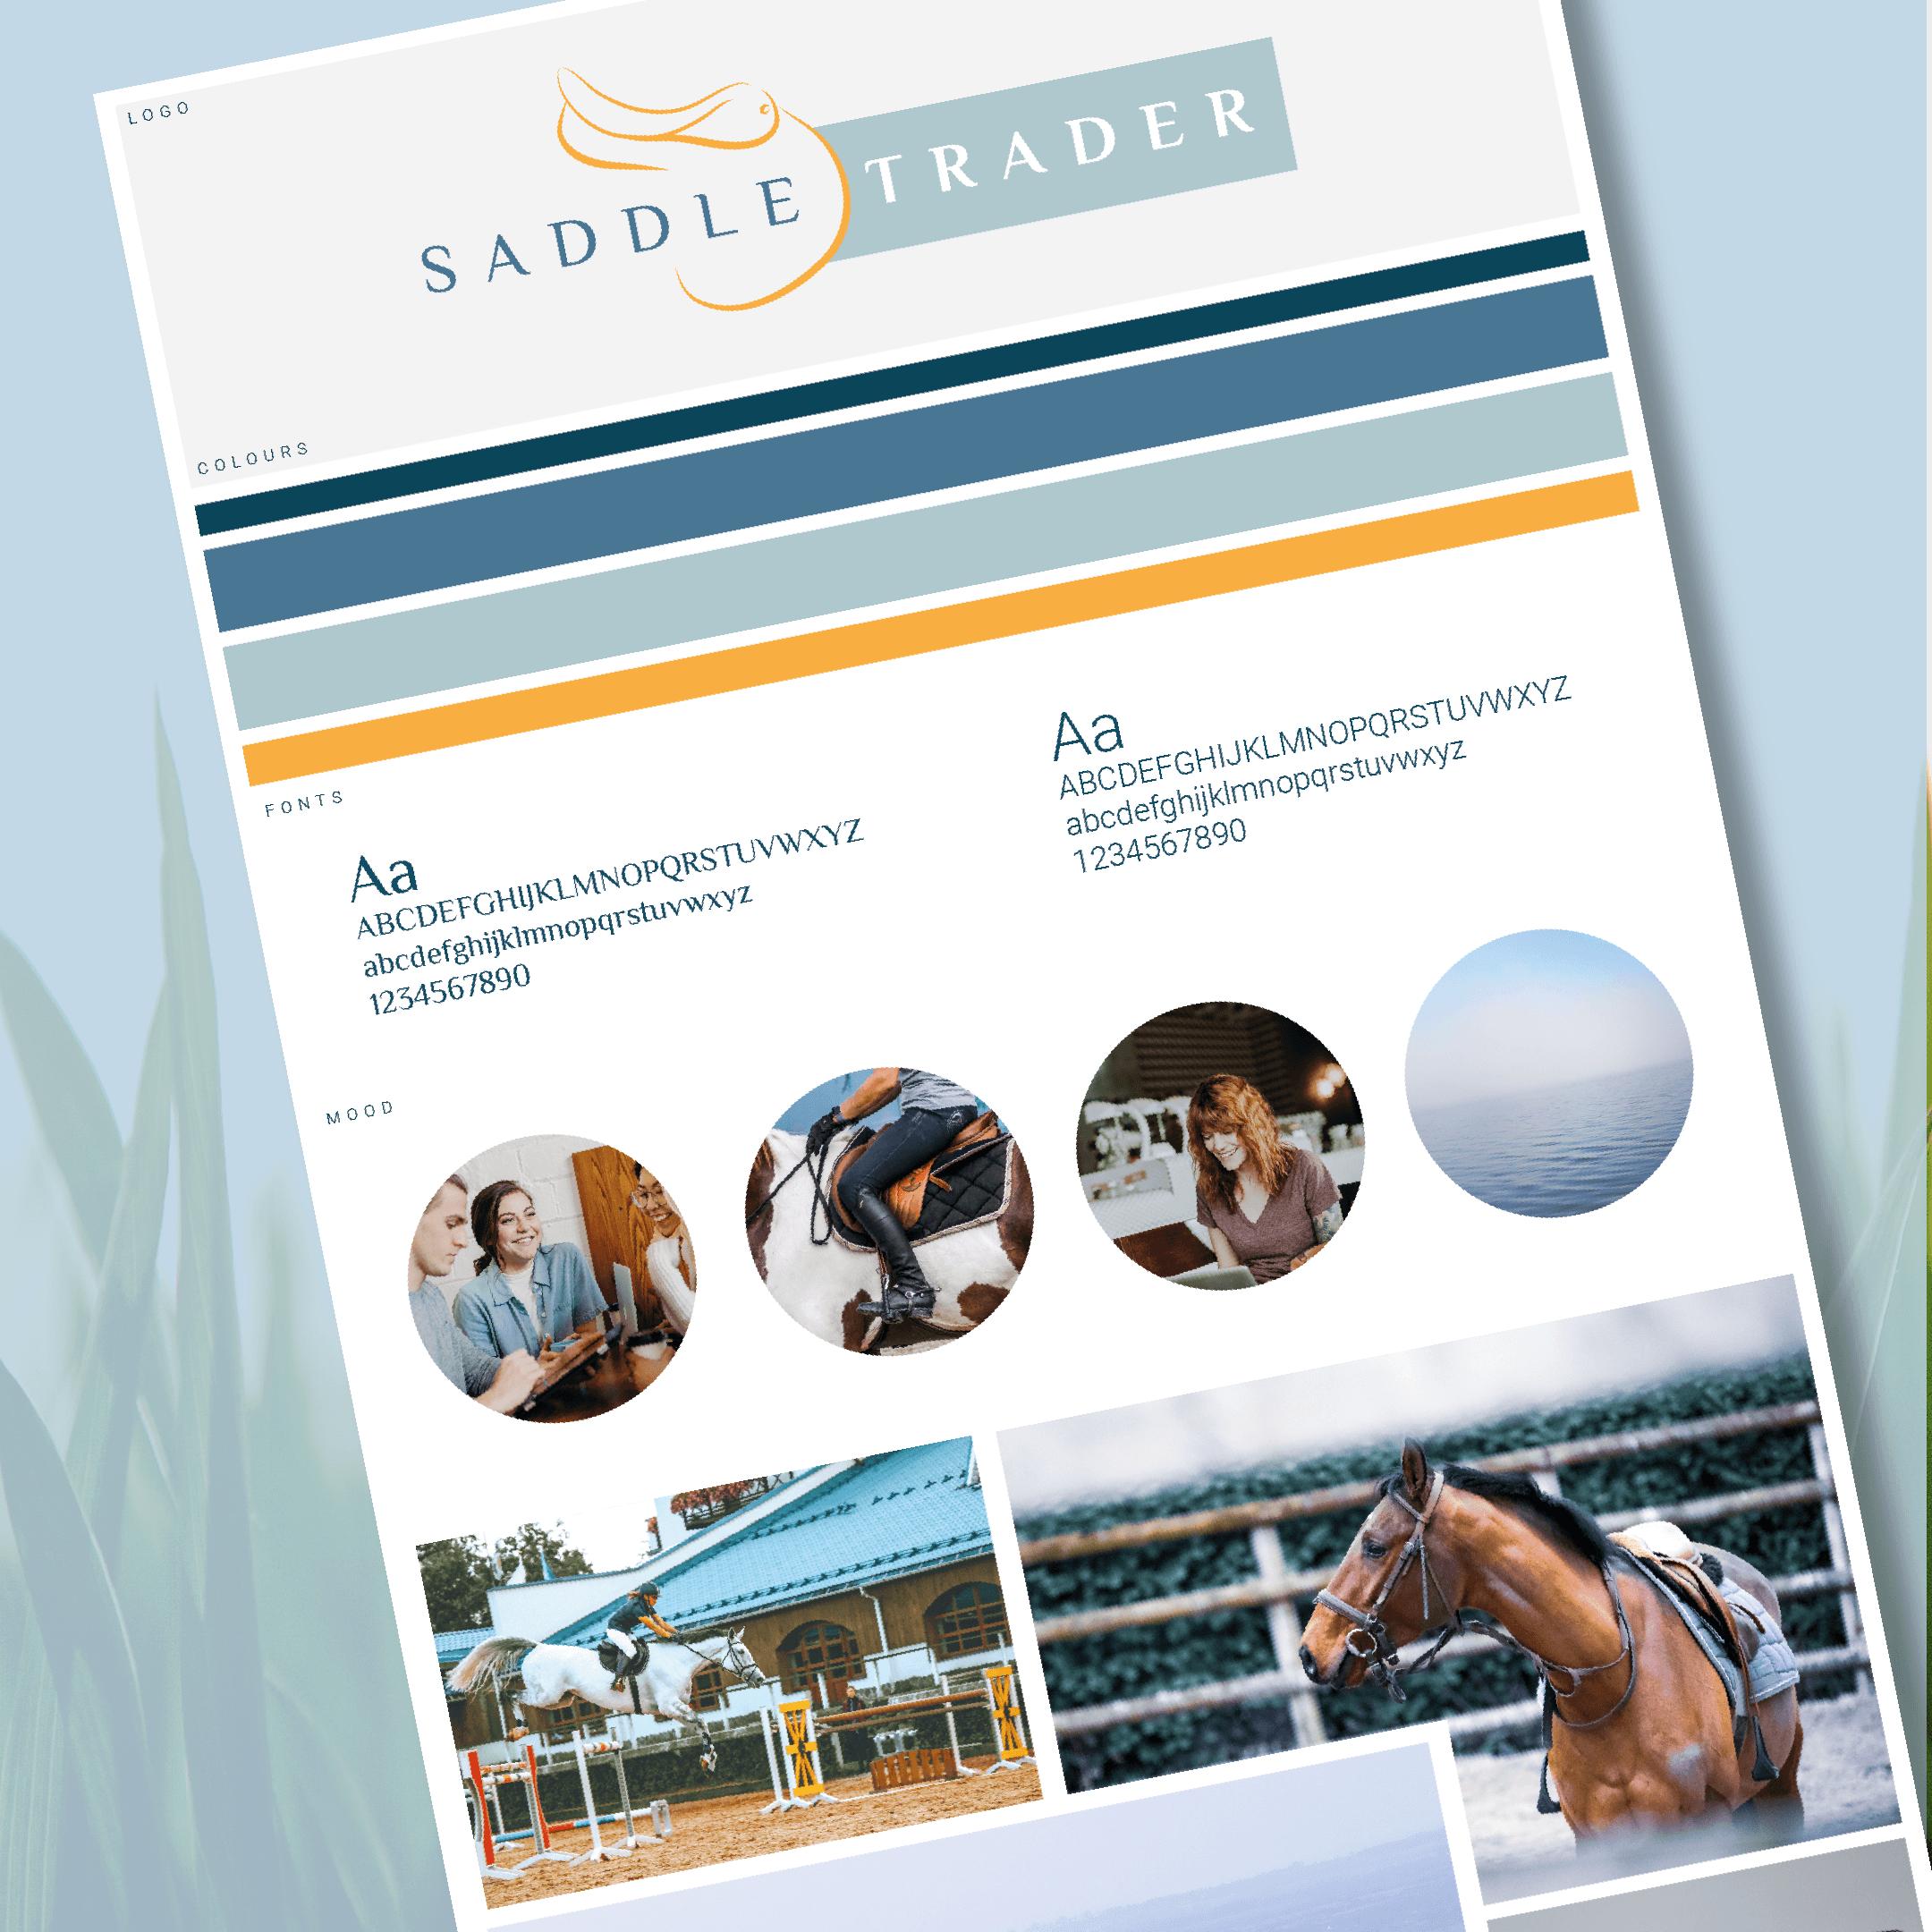 saddle trader mood board branding